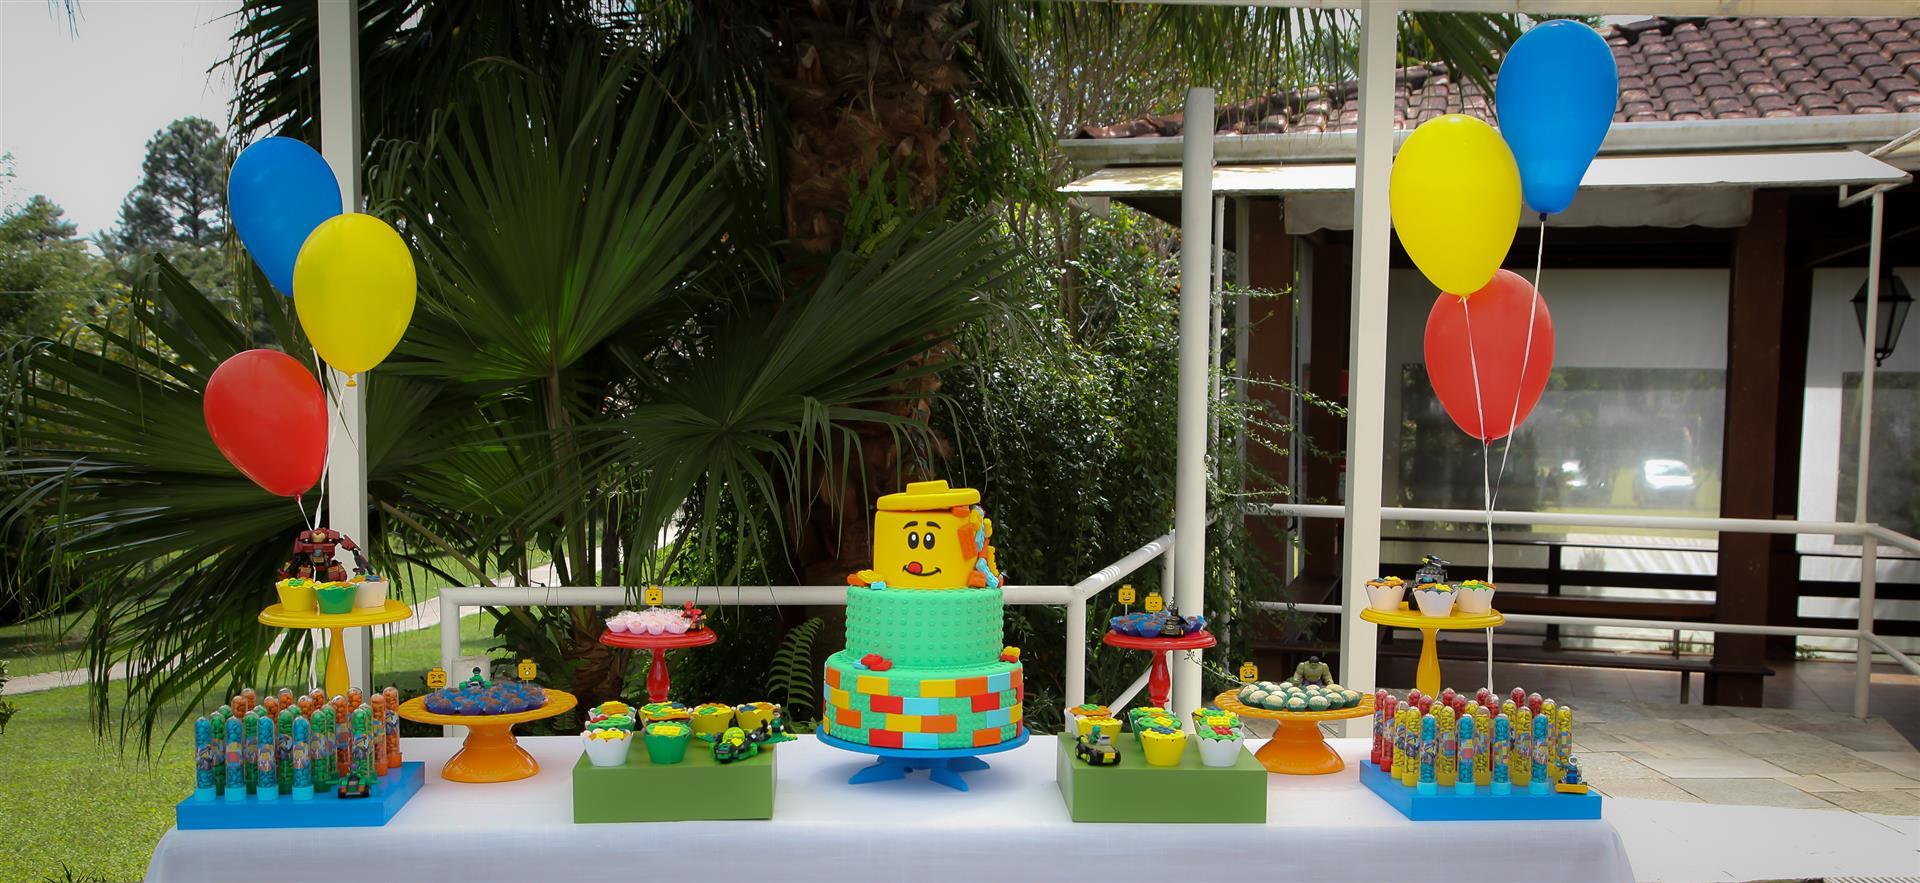 Pool party do pedrinho apartamento 203 for Piscina party